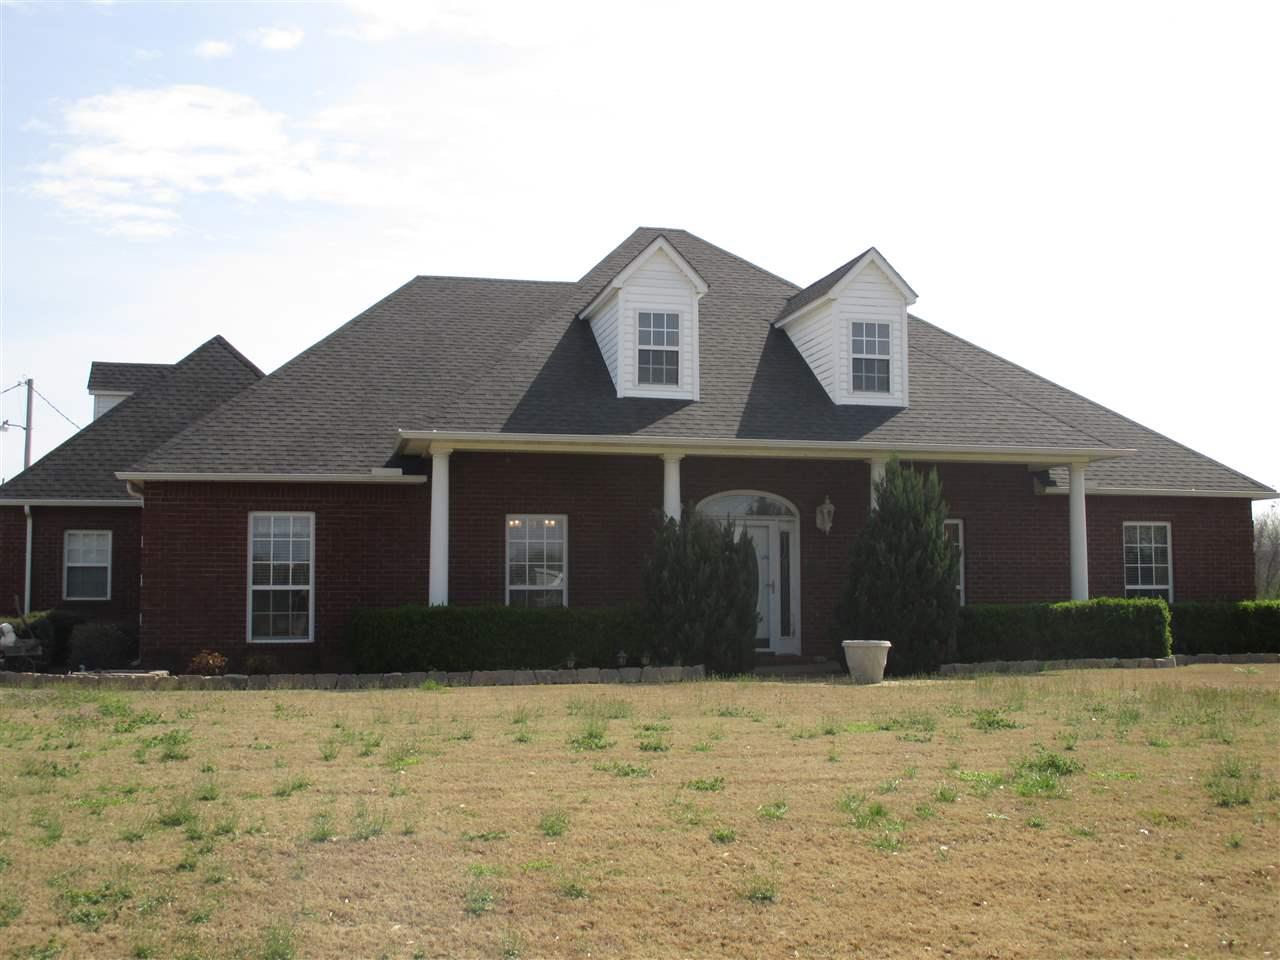 Real Estate for Sale, ListingId: 32556768, Atoka,OK74525